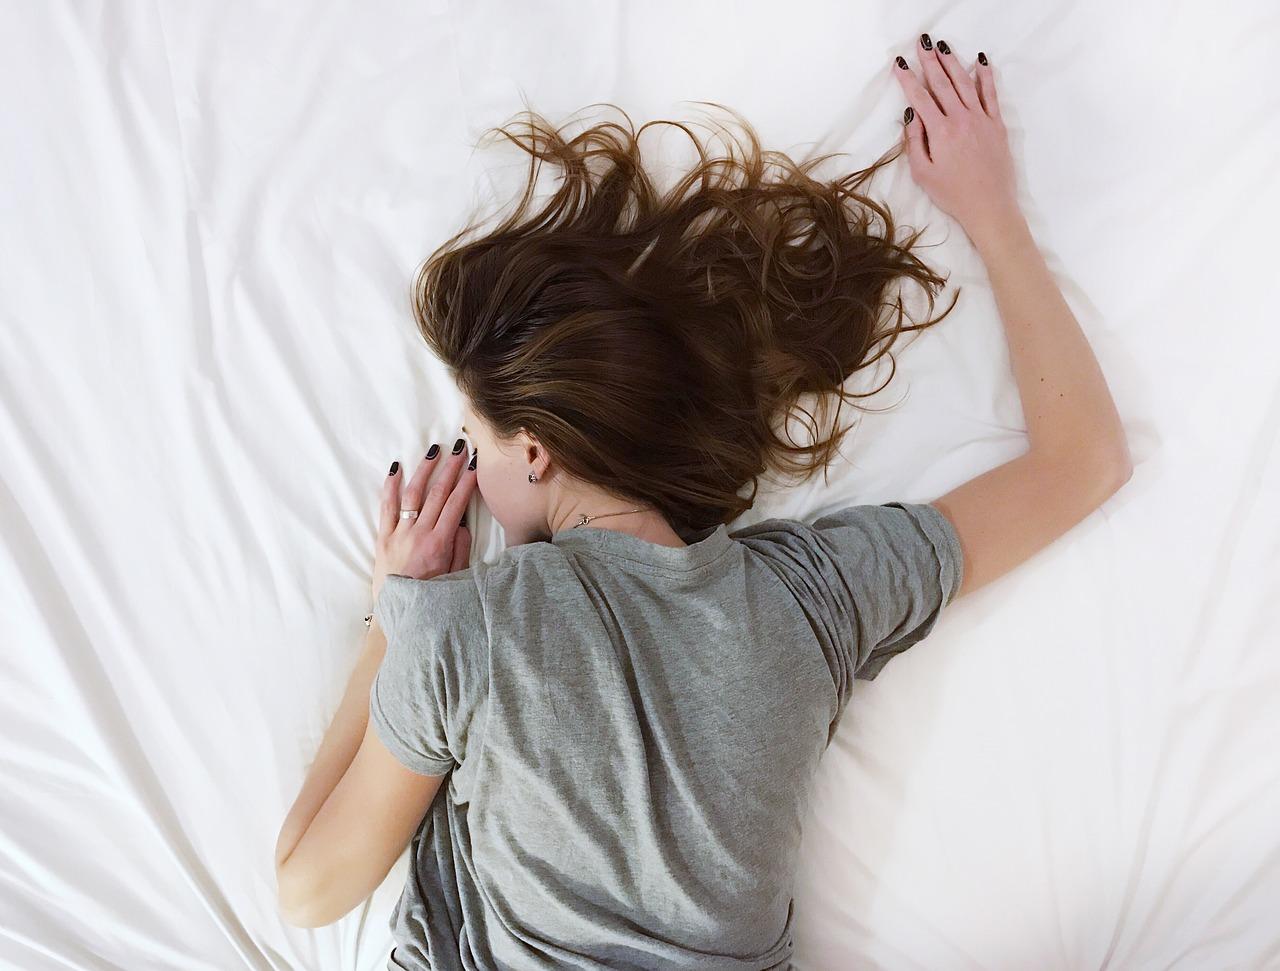 Медик предупредил об опасности долгого сна на выходных